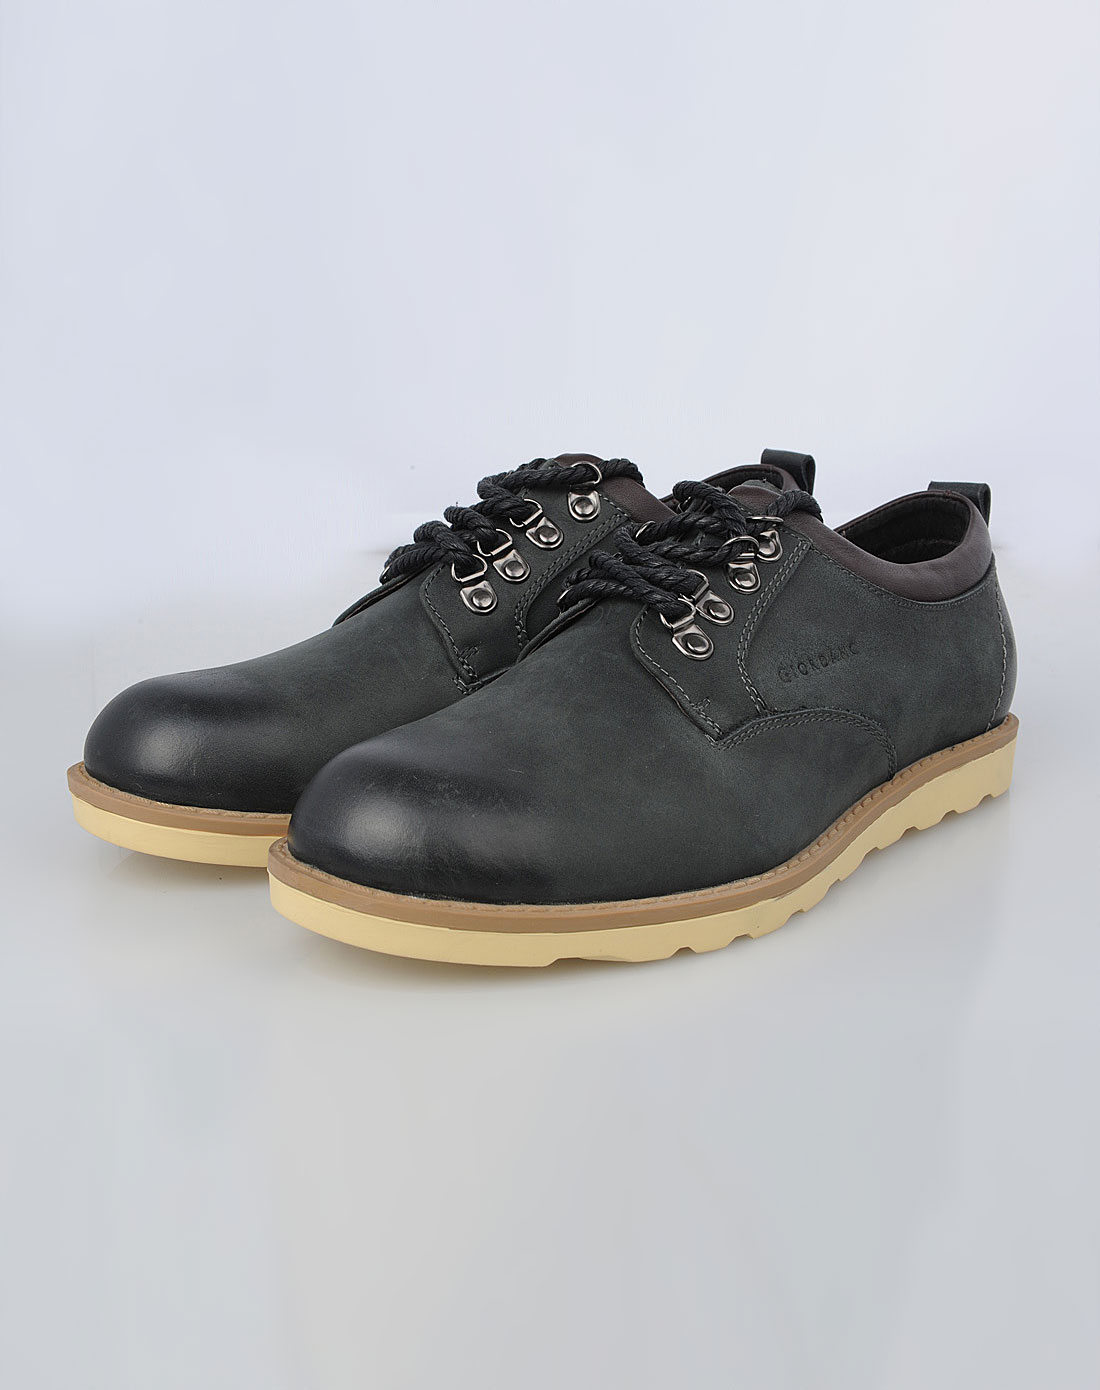 男款黑色休闲皮鞋